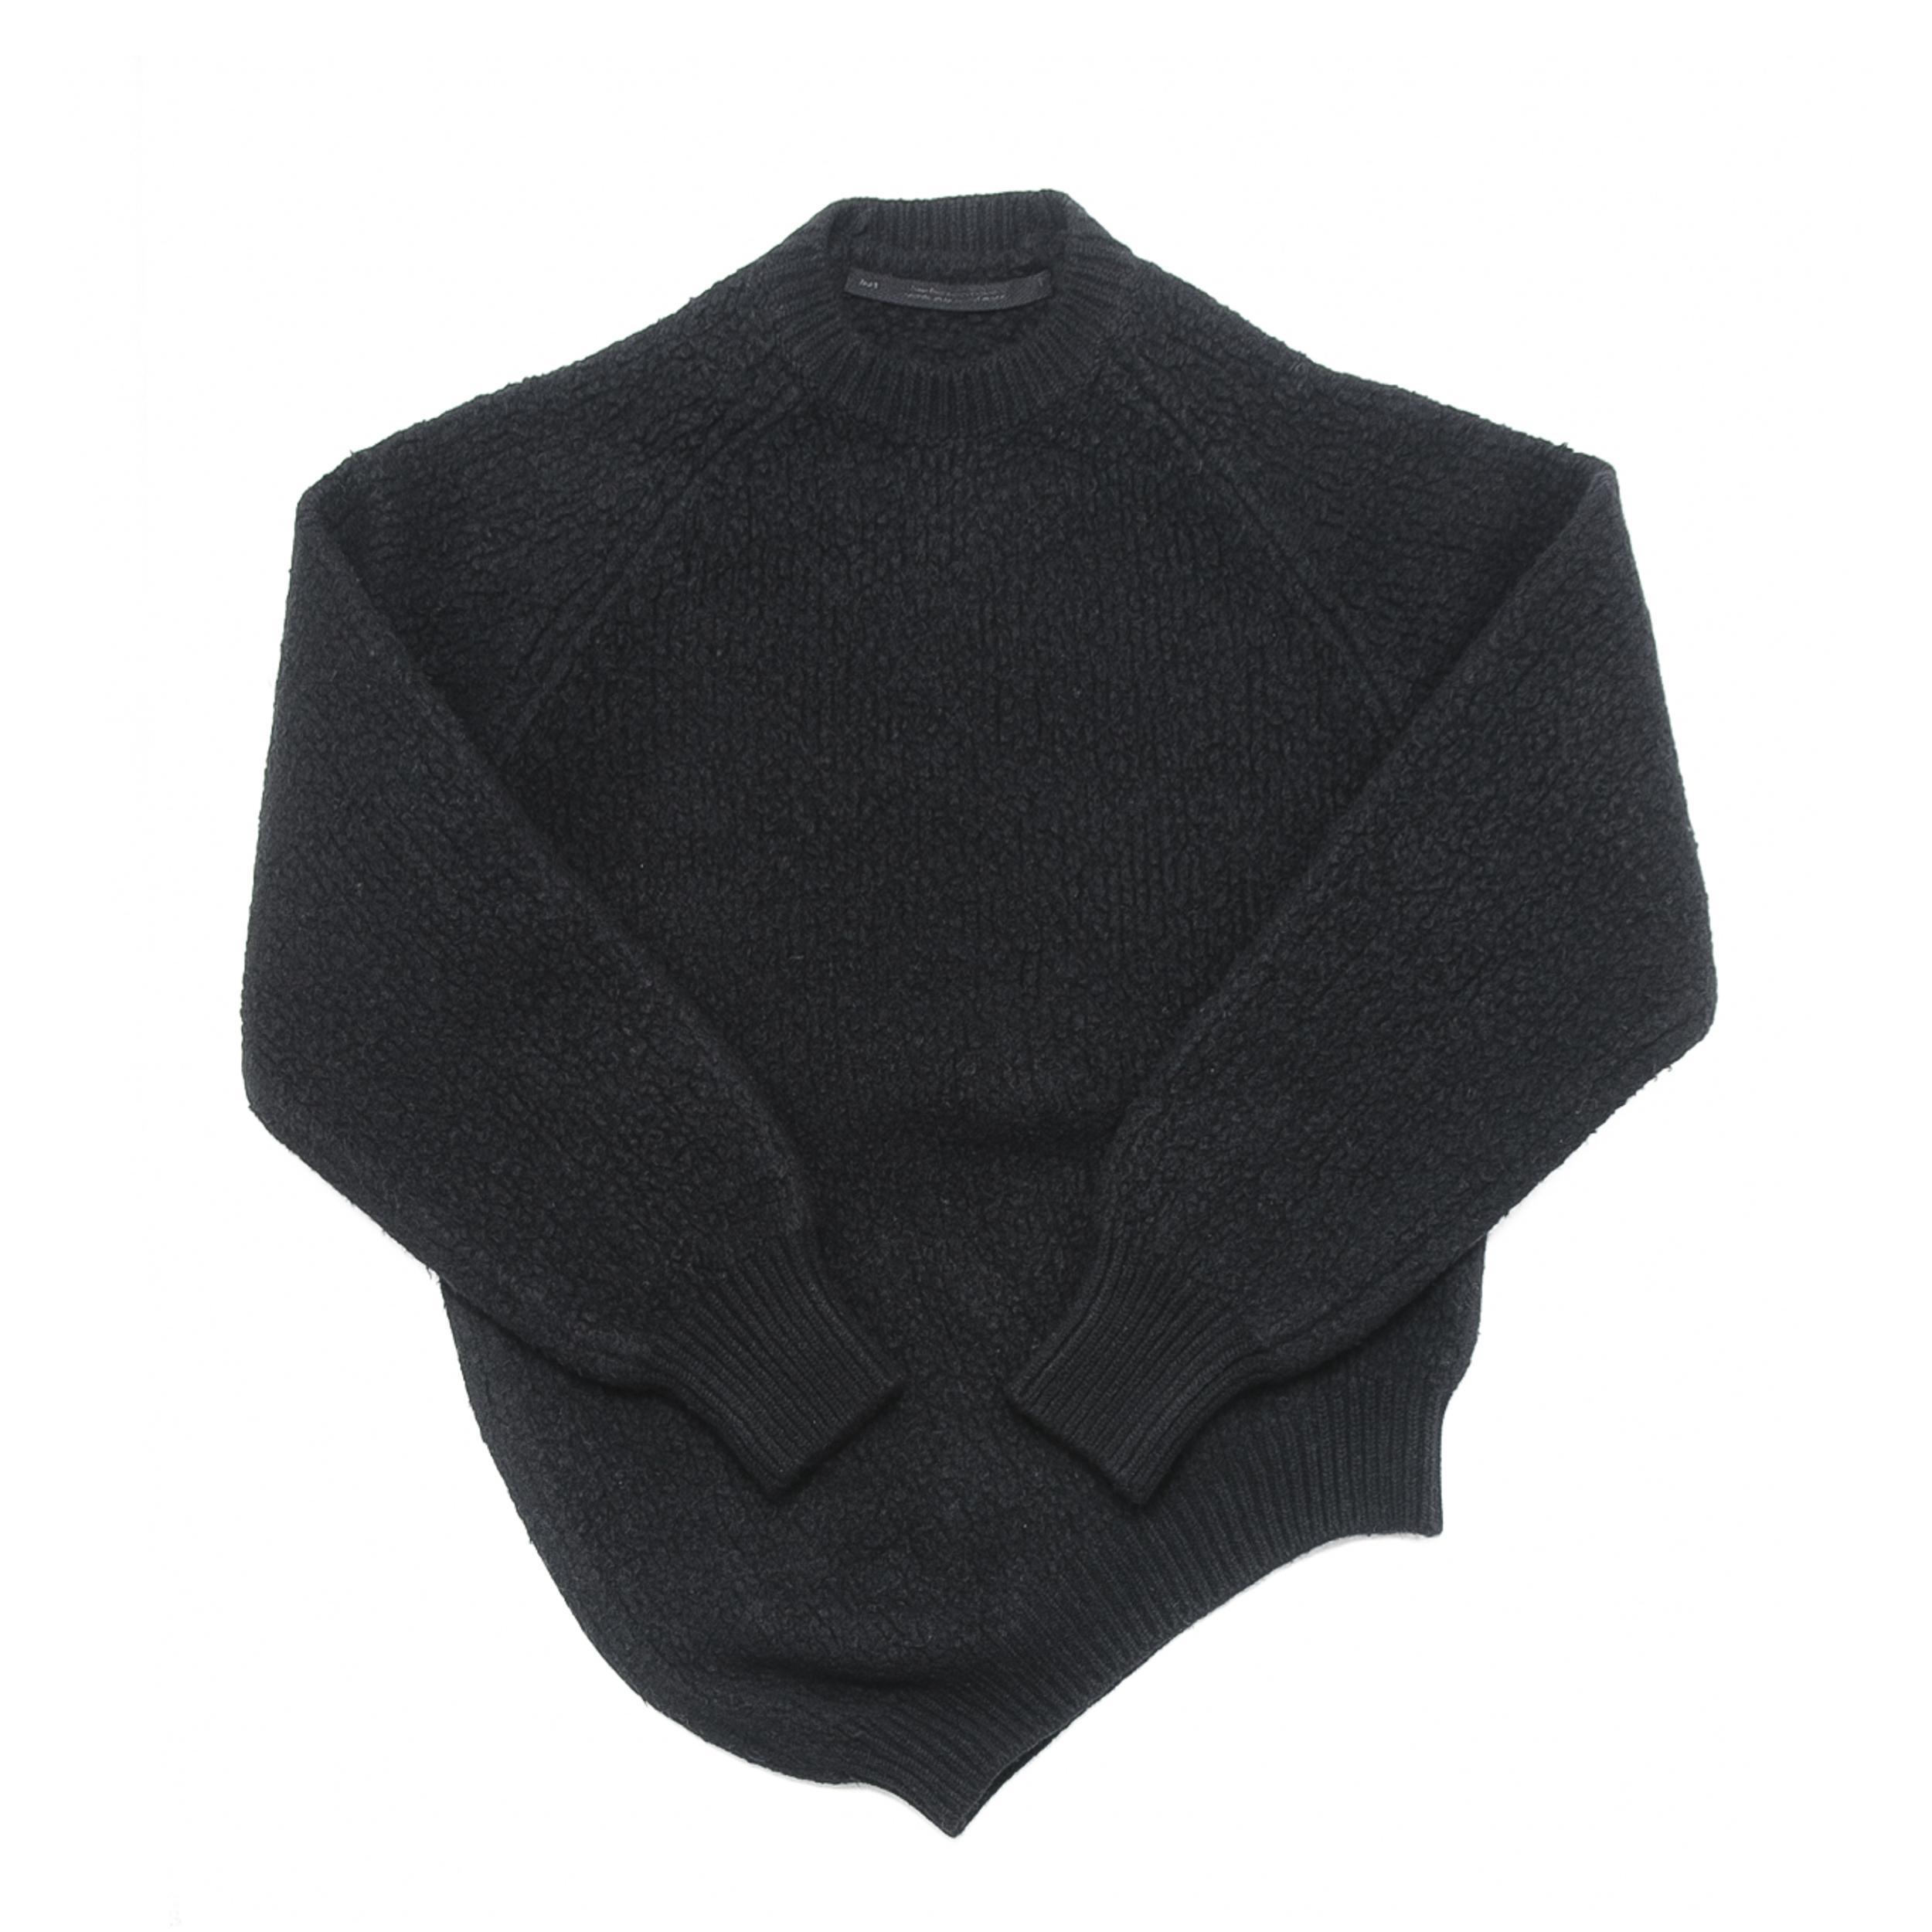 677KNM4-BLACK / ドレーピングセーター